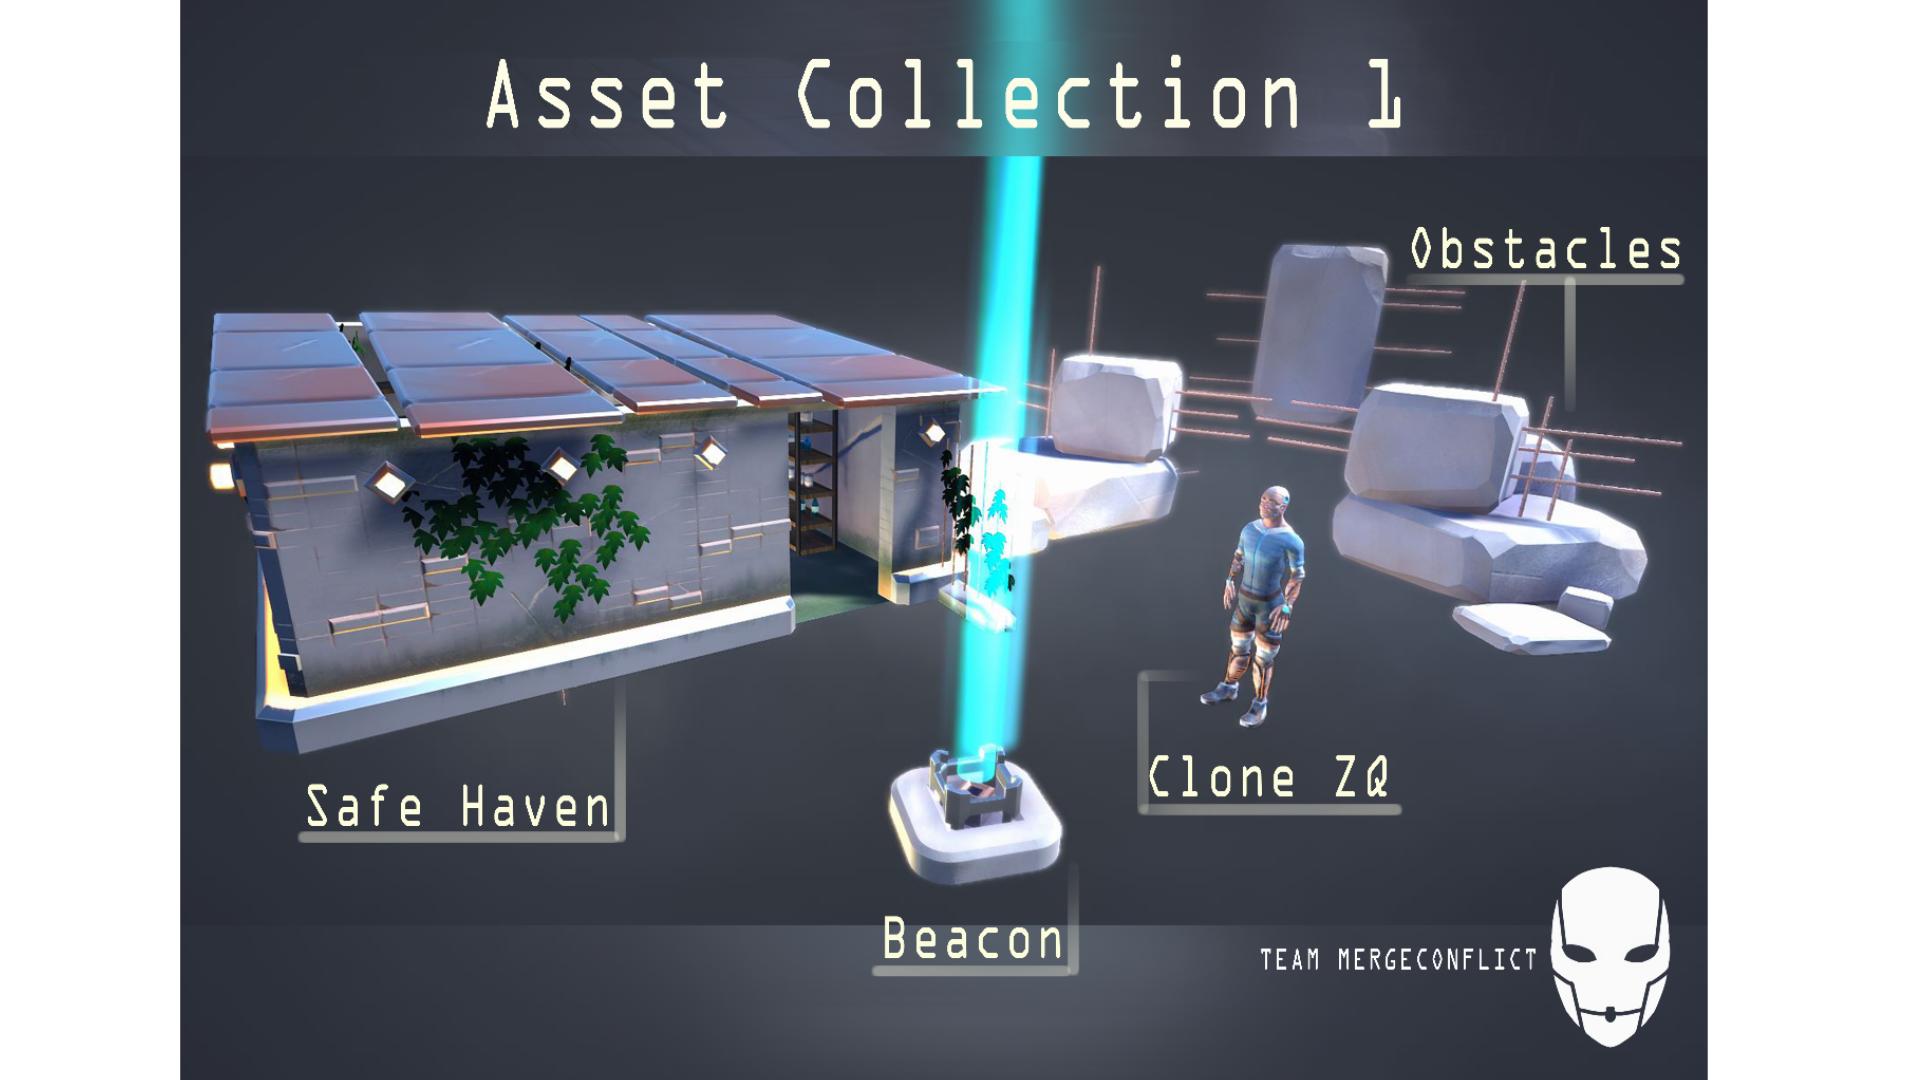 asset collection 1 V2